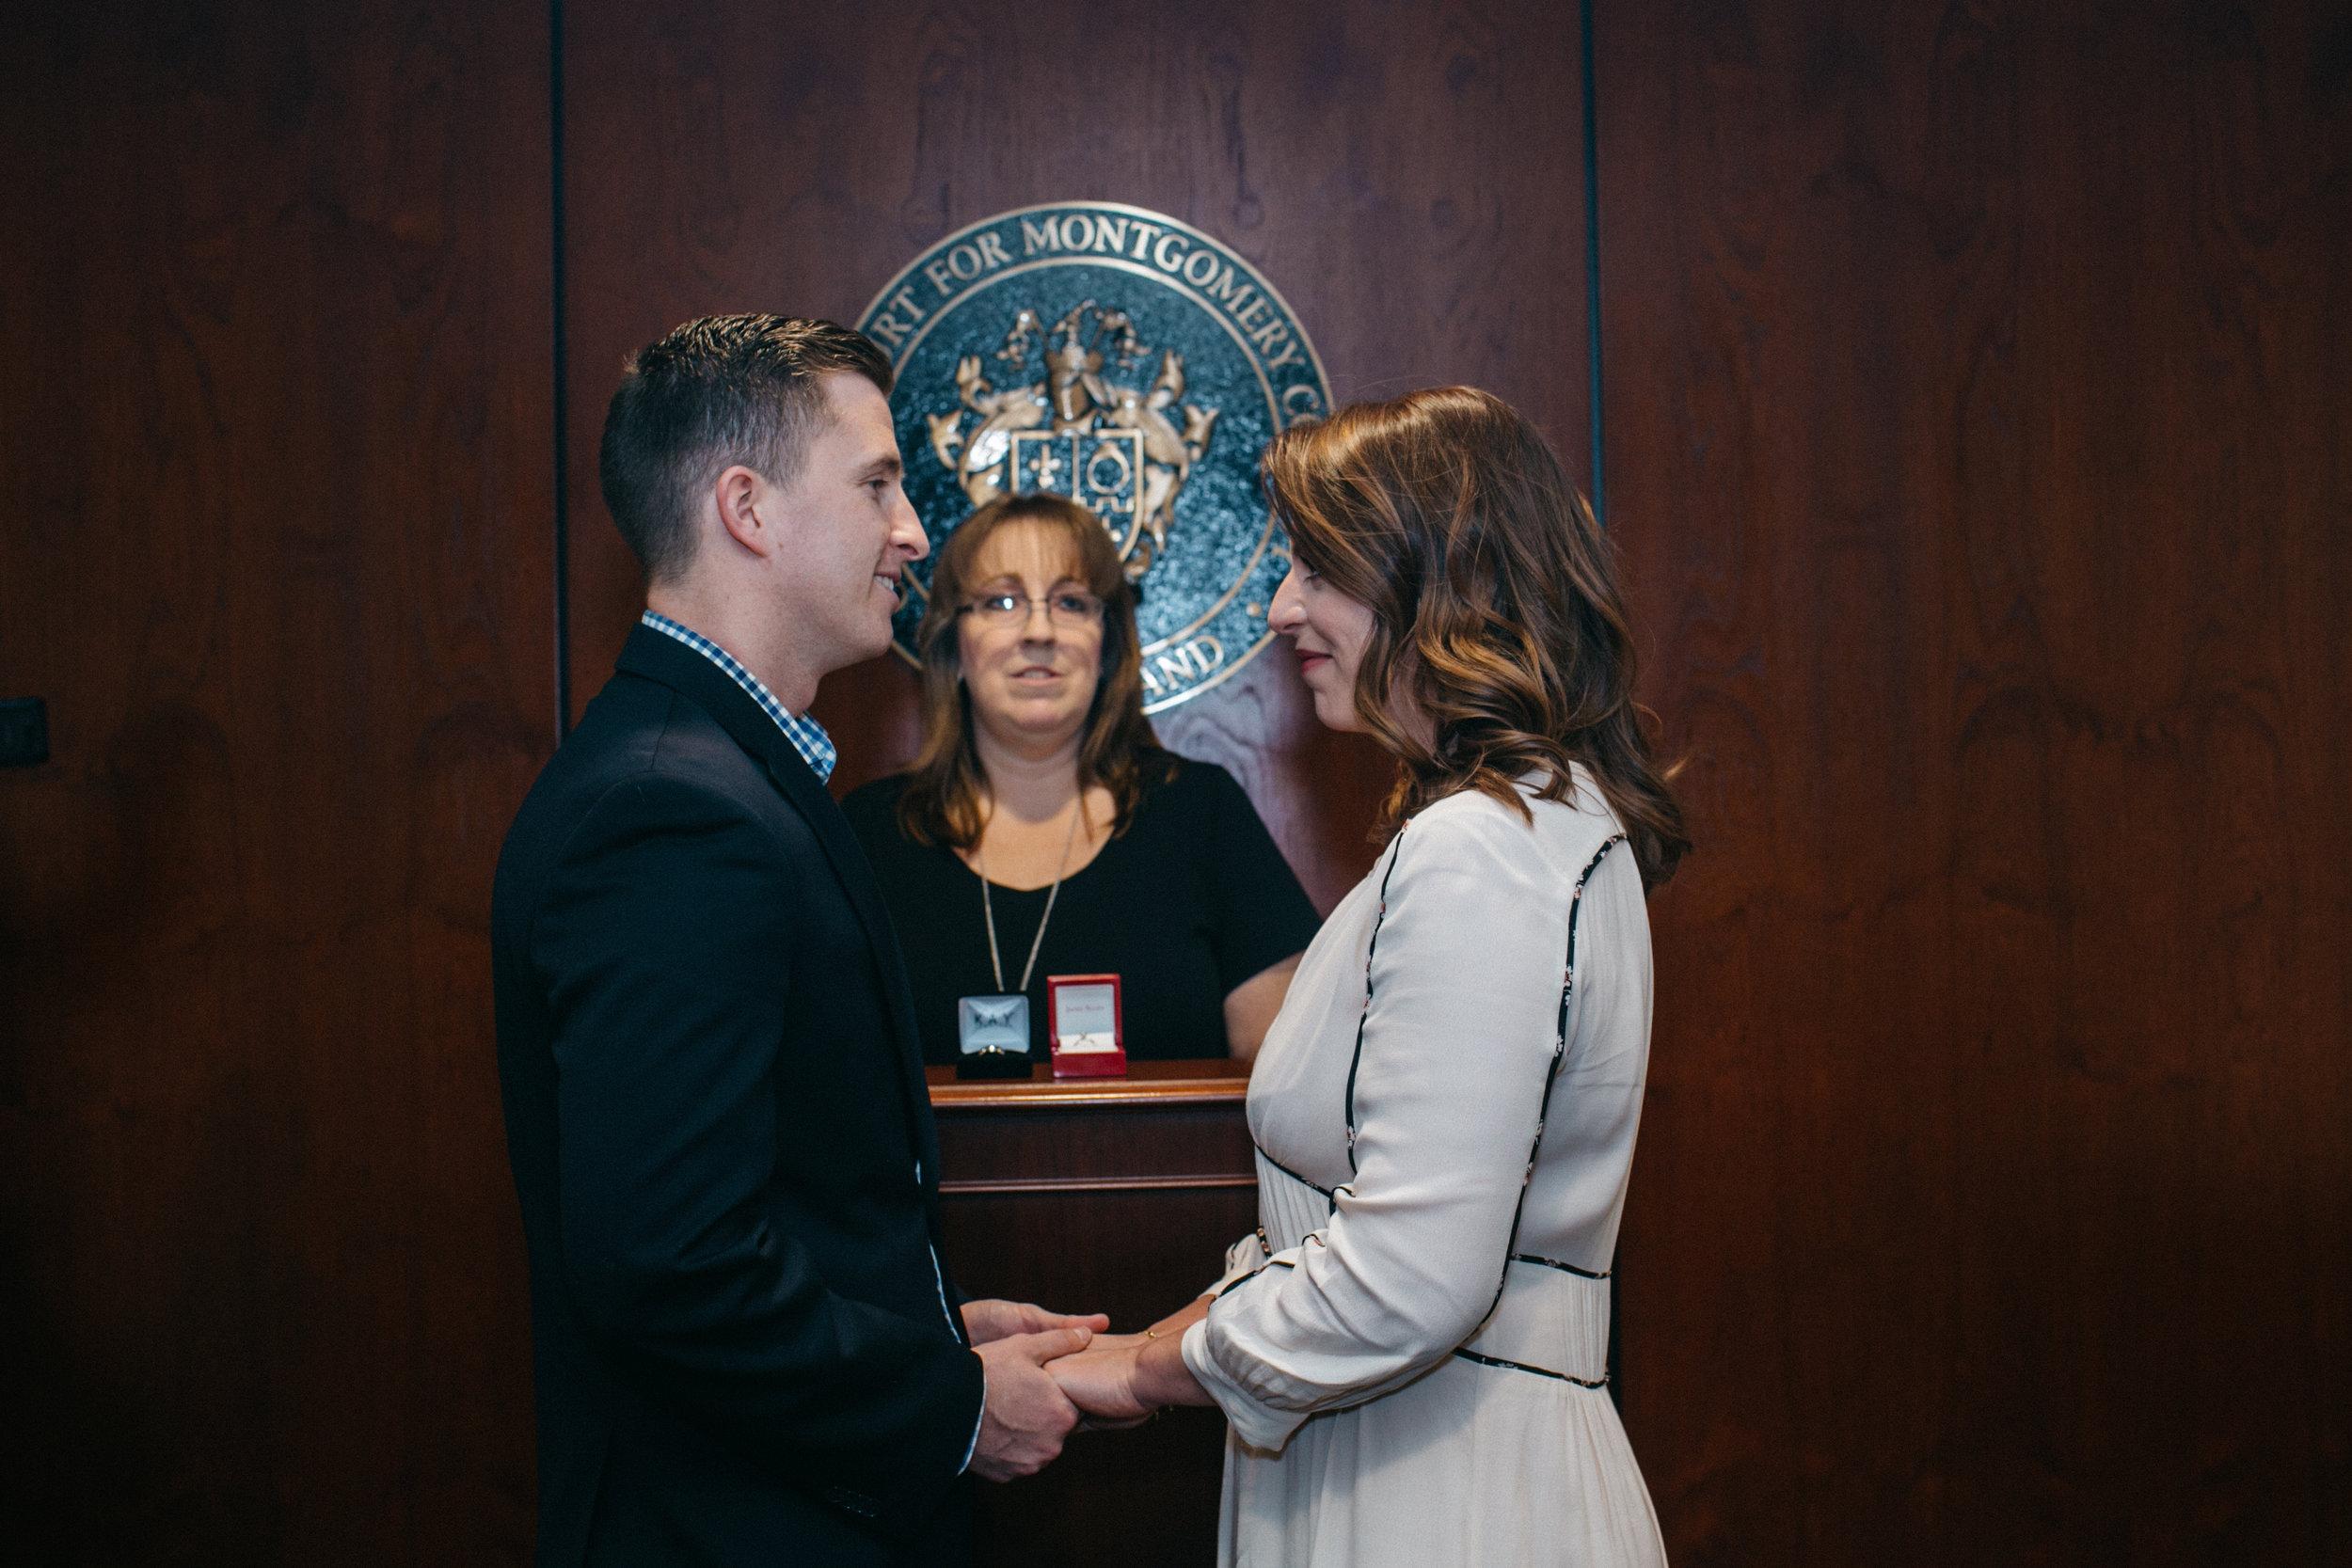 Ce couple se marie dans un tribunal dans l'Etat du Maryland, aux Etats-Unis